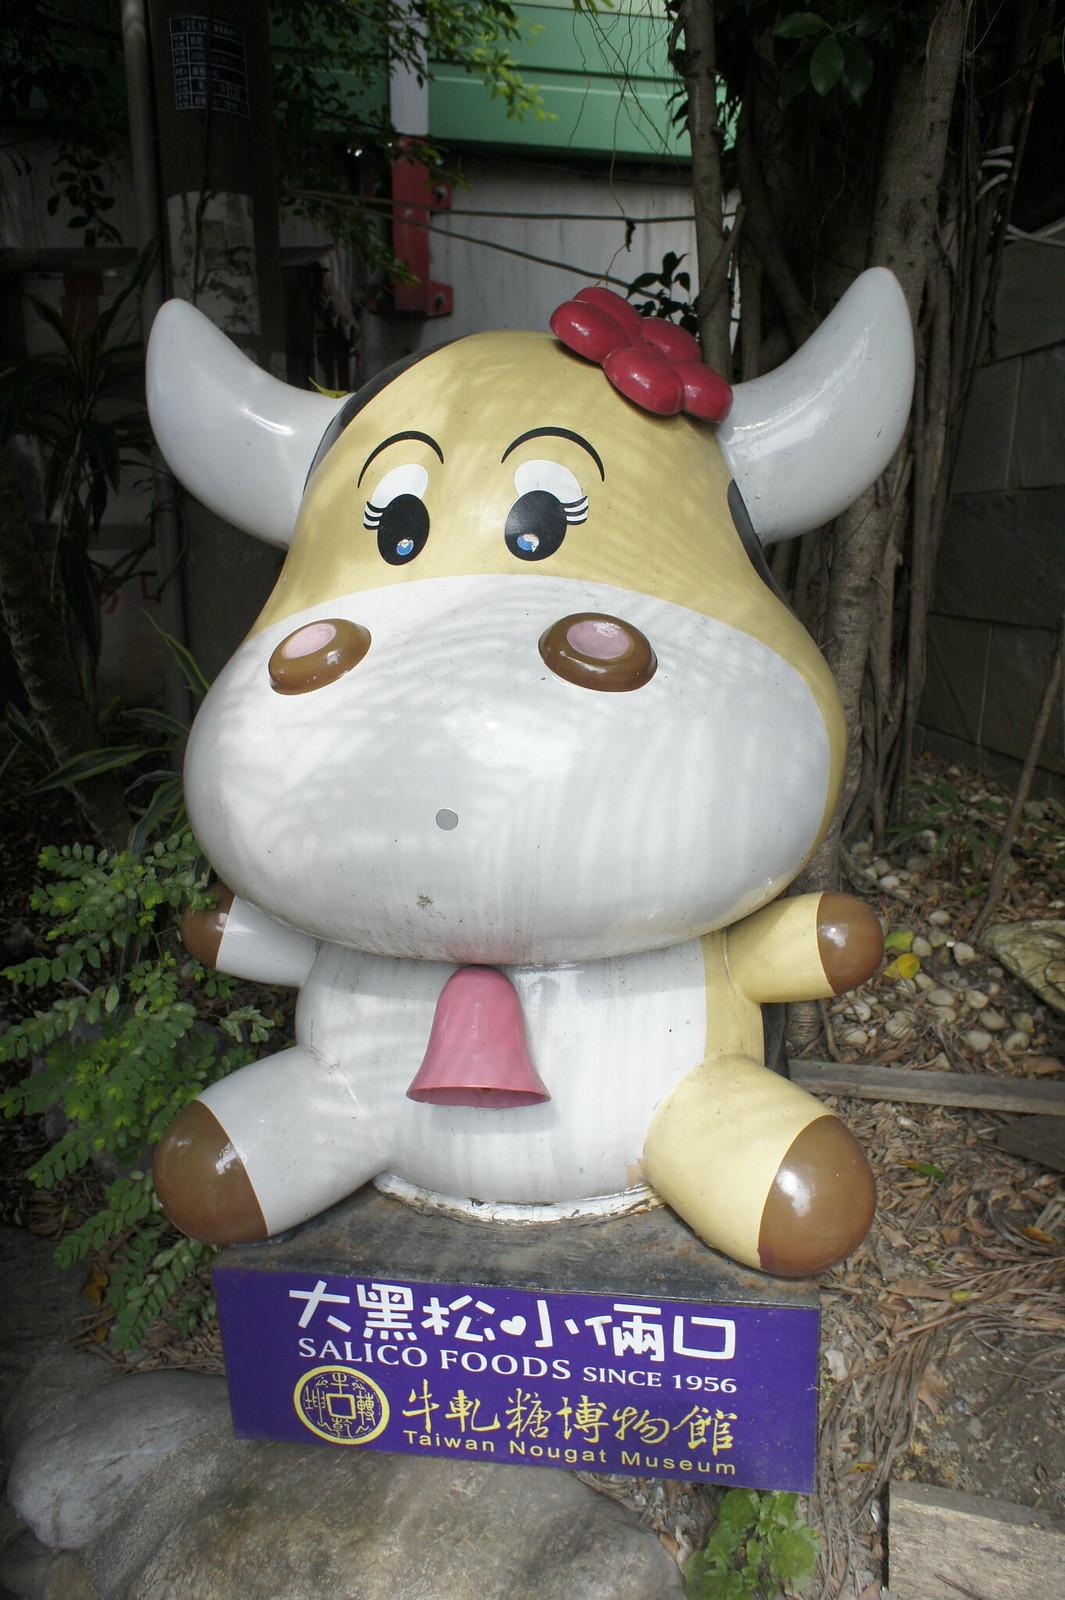 新北市土城區牛軋糖創意博物館 (3)